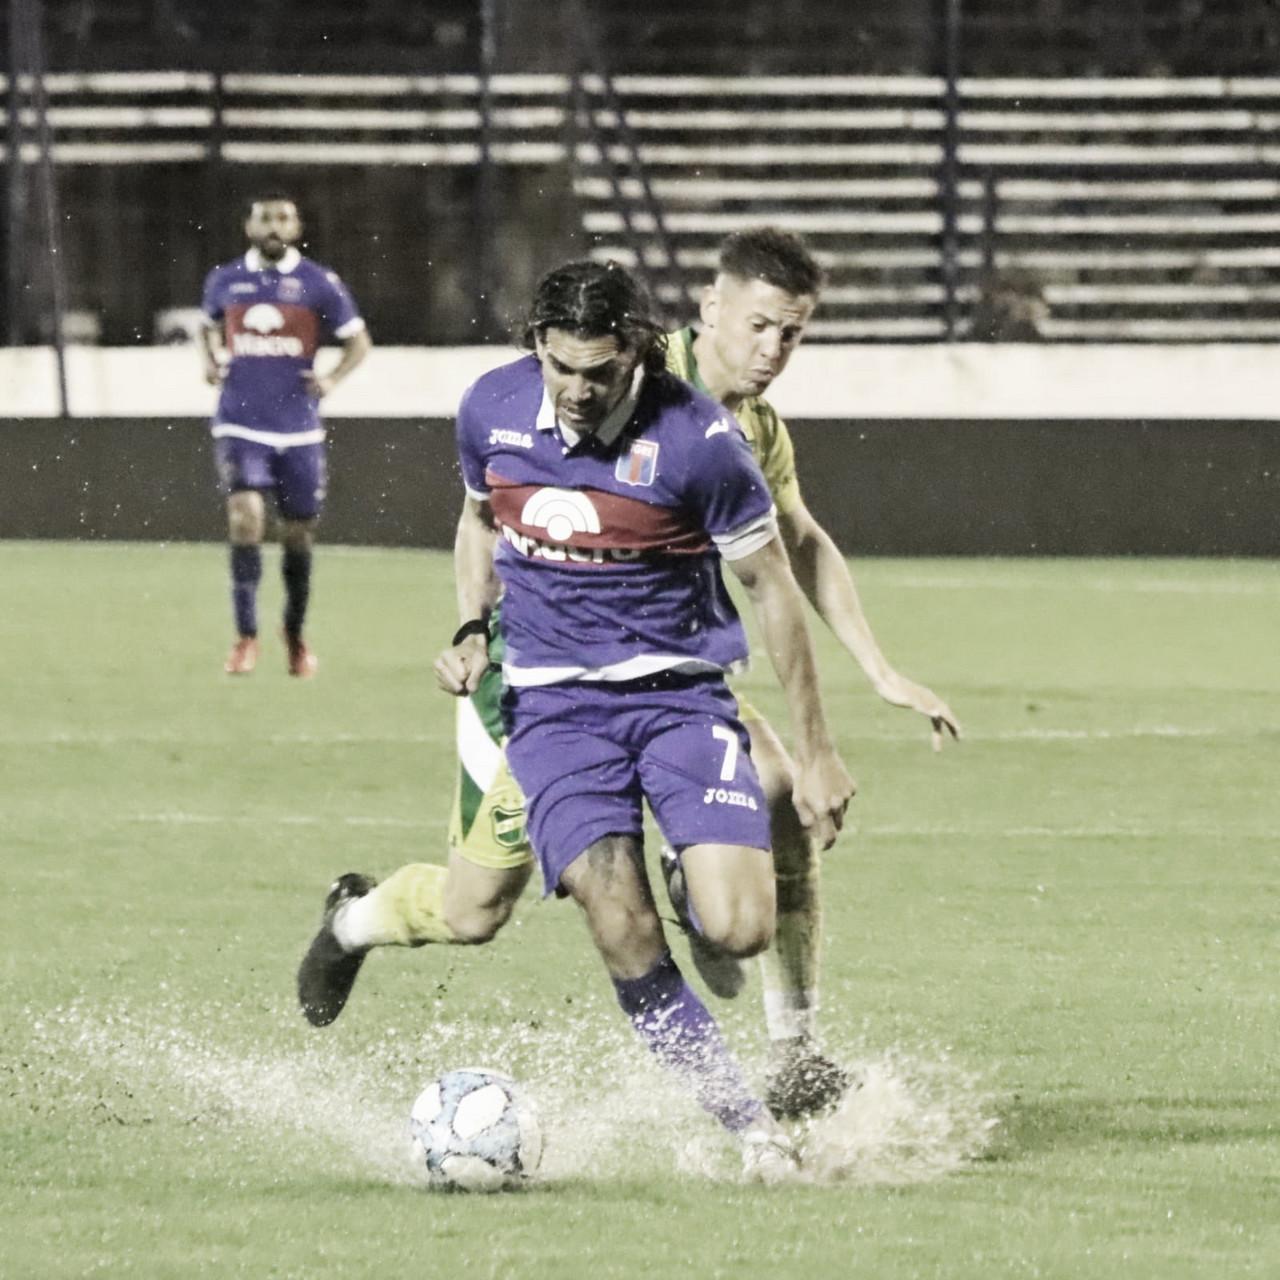 Tigre eliminó a Defensa y Justicia y se metió en cuartos de Copa Argentina